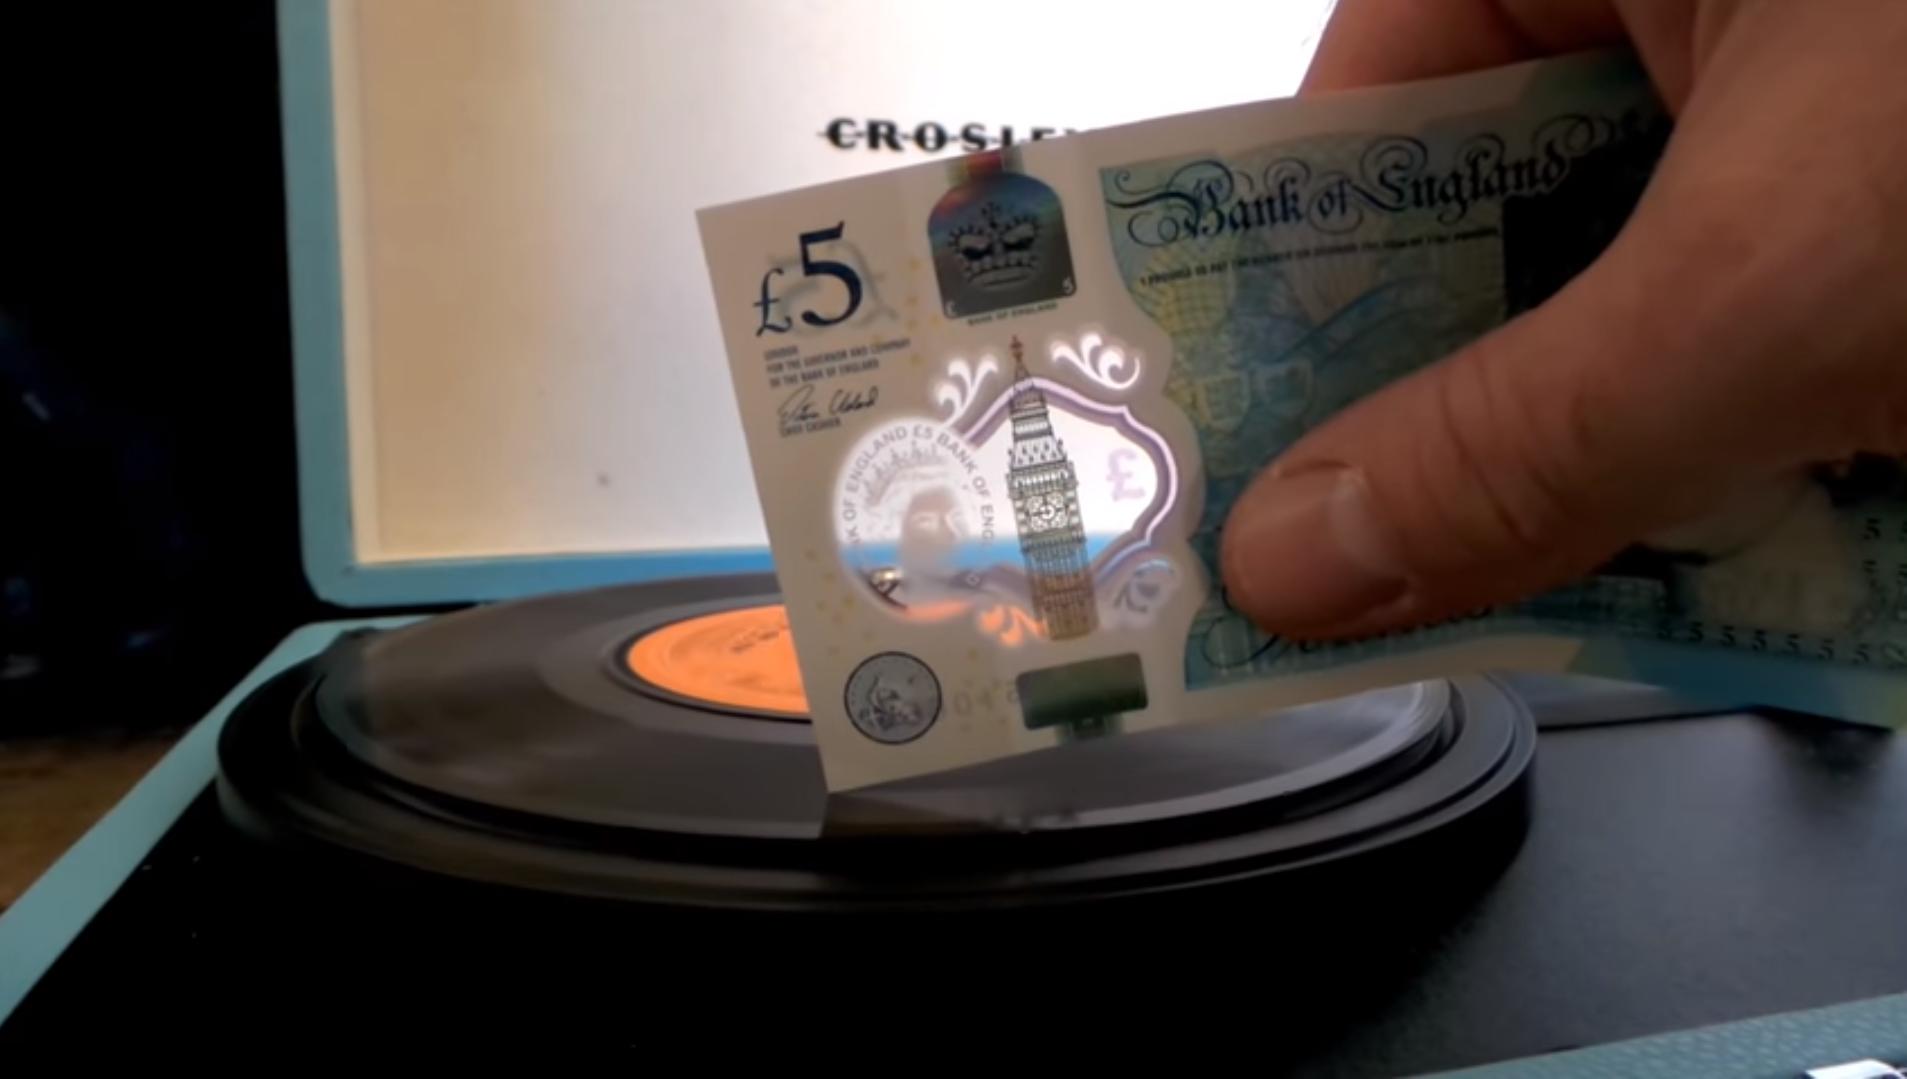 Schallplatten abspielen via Banknote. Bild: YouTube Screenshot